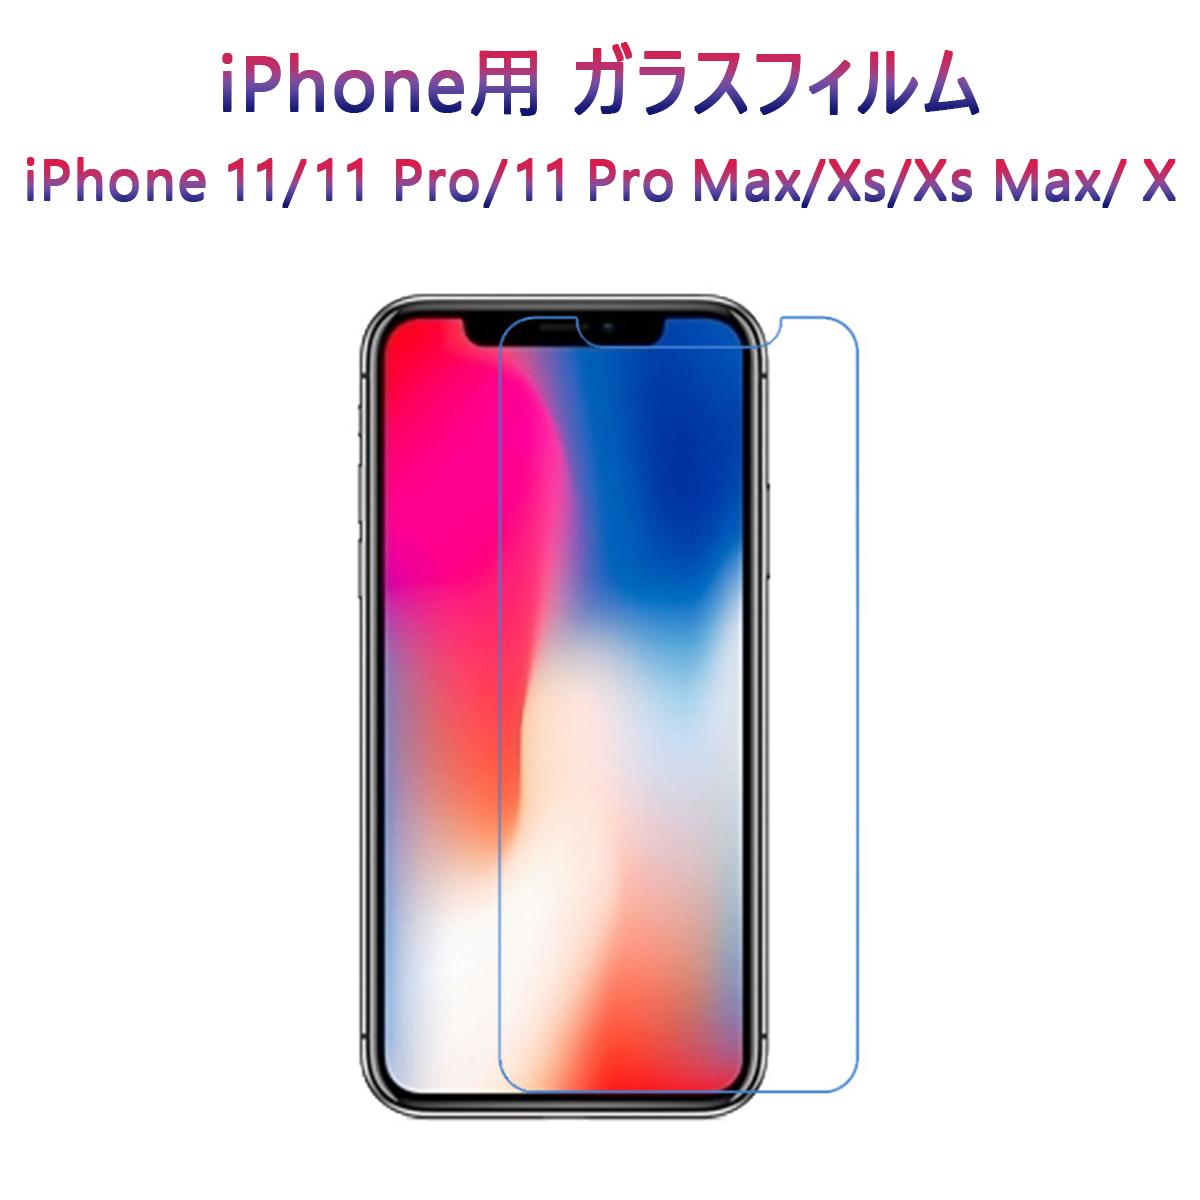 ガラスフィルム 2枚セット iPhone 11 11 Pro 11 Pro Max XS XS MAX X XR 8 7 Plus 強化ガラス 3D Touch対応 透過率99% 硬度9H 極薄 指紋防止 防汚れ 耐衝撃 飛散防止 保護フィルム SDM便送料無料 1ヶ月保証 K&M